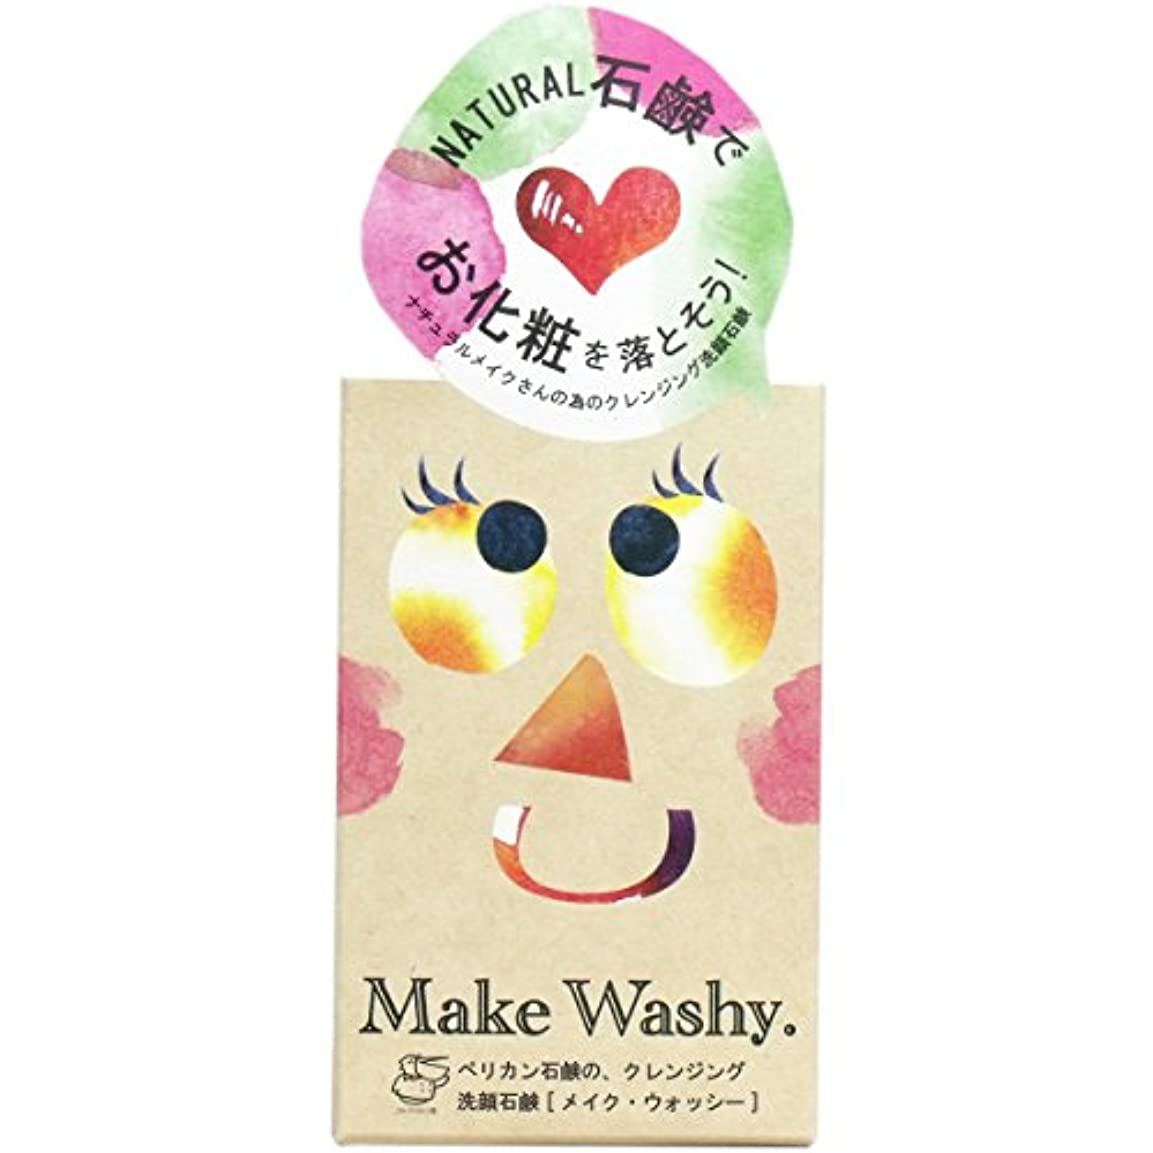 カンガルー拡張バッグ【まとめ買い】メイクウォッシー 洗顔石鹸【×2個】